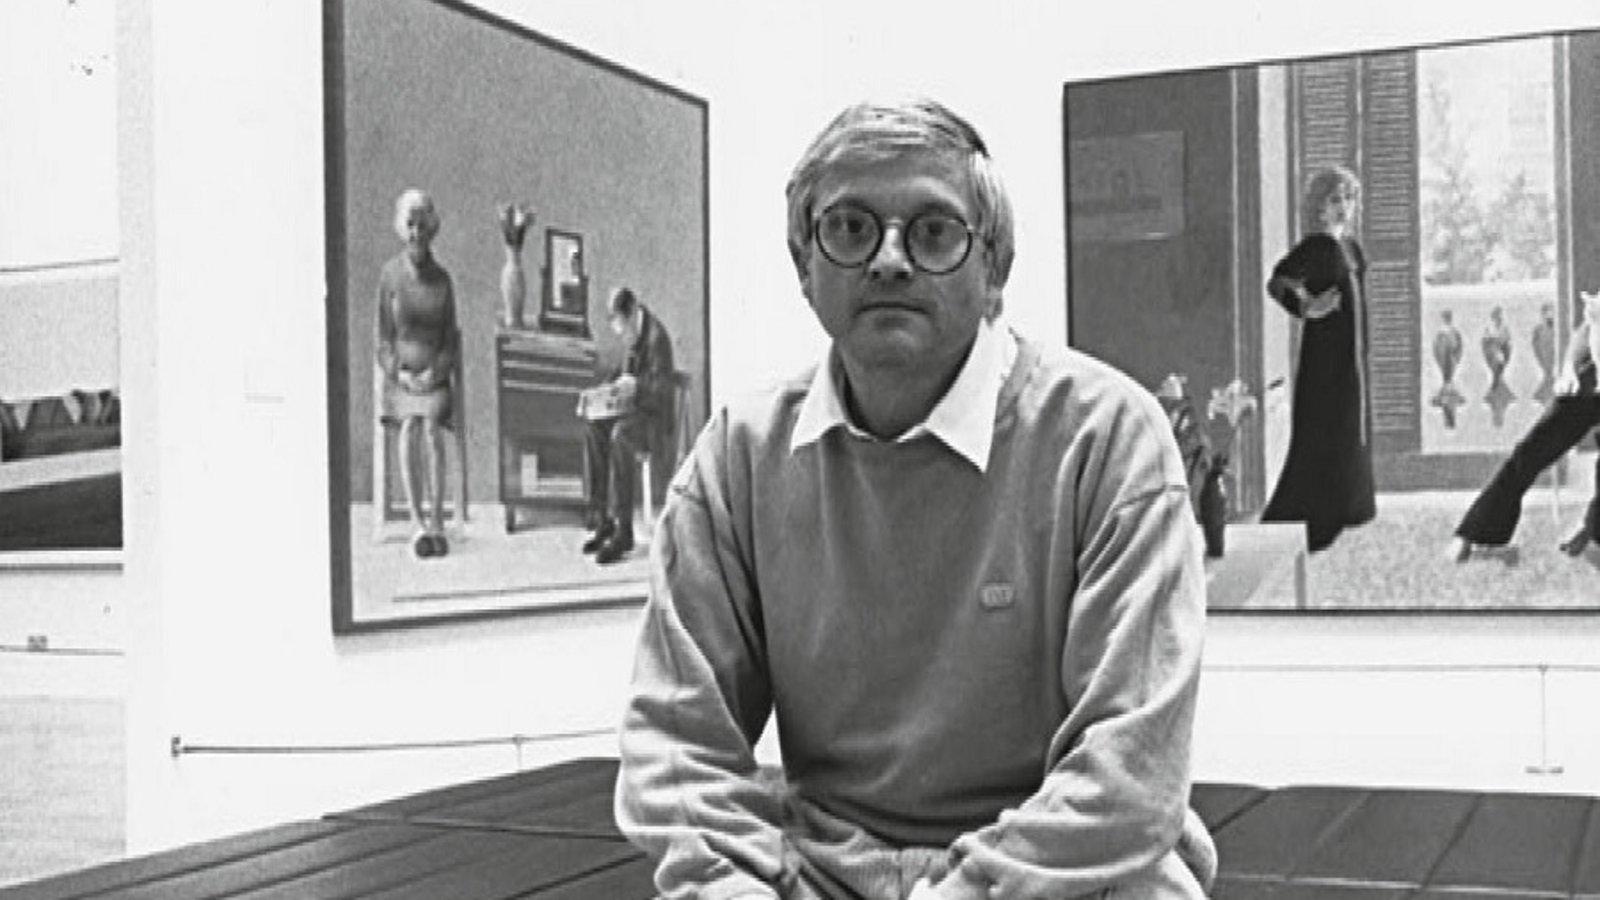 David Hockney: Hockney at The Tate